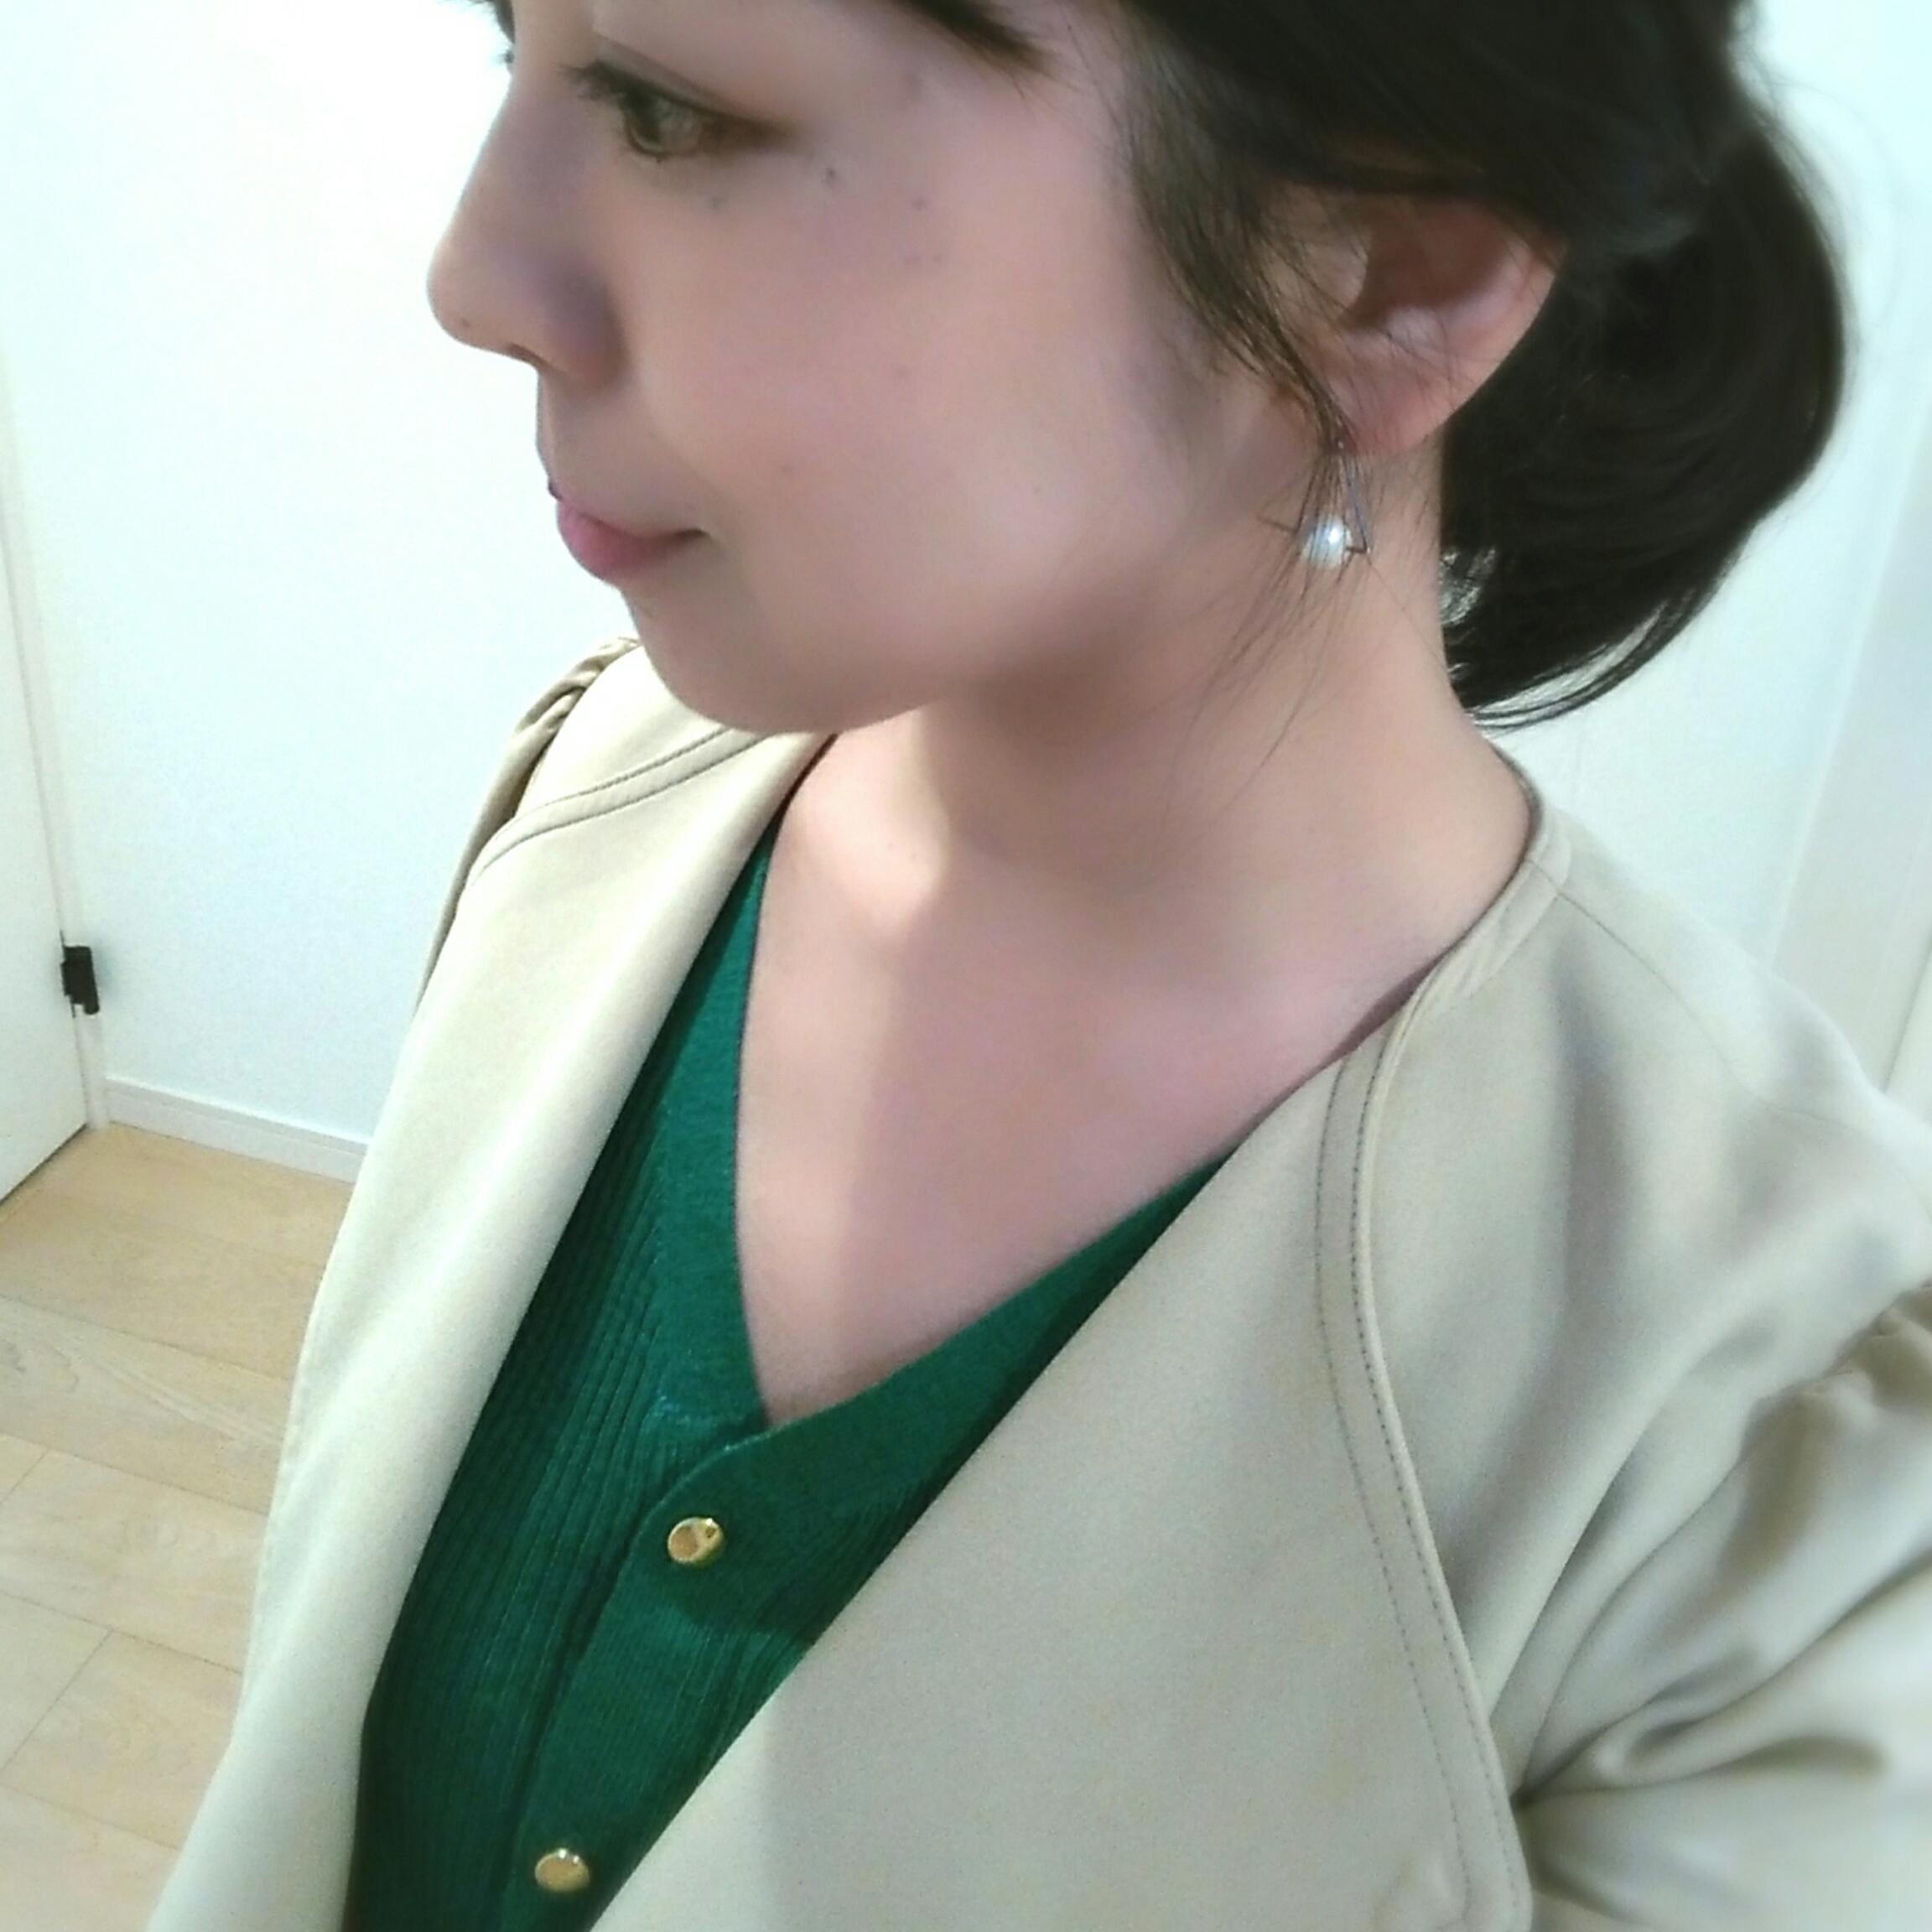 この春の注目色「グリーン」を美女組さんはどう着る?【マリソル美女組ブログPICK UP】_1_1-2